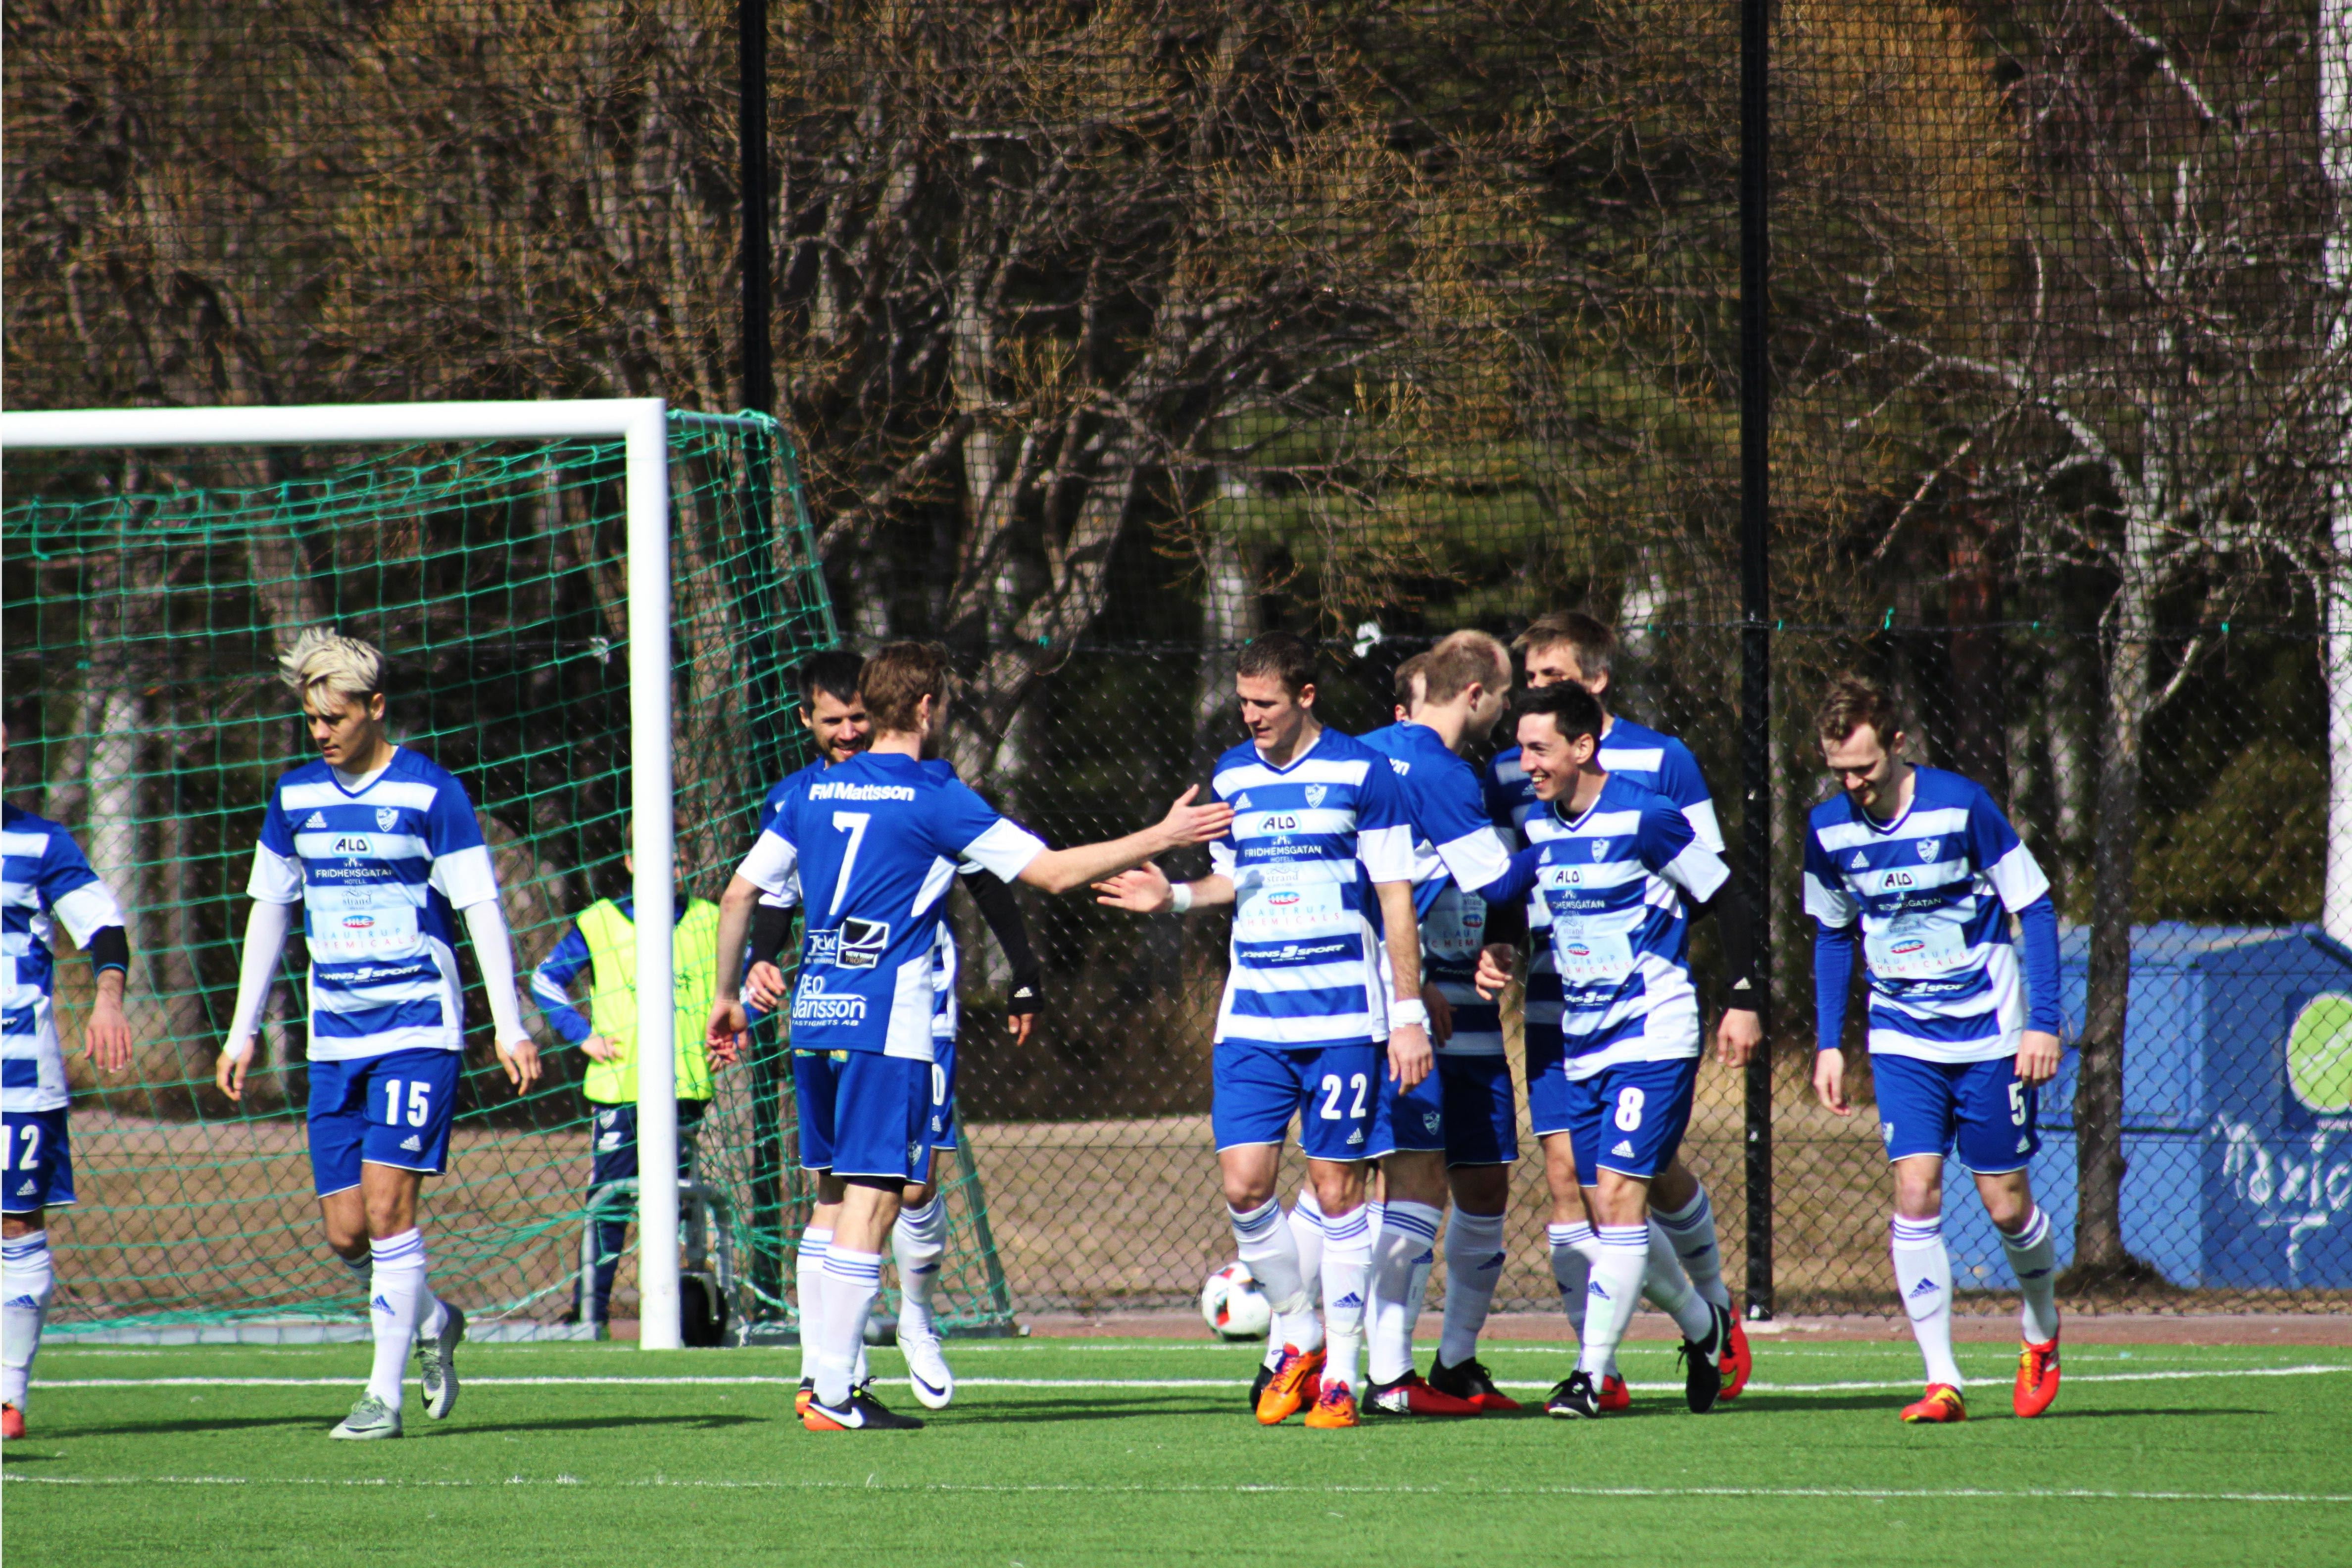 Fotboll herrar IFK Mora FK - Strands IF